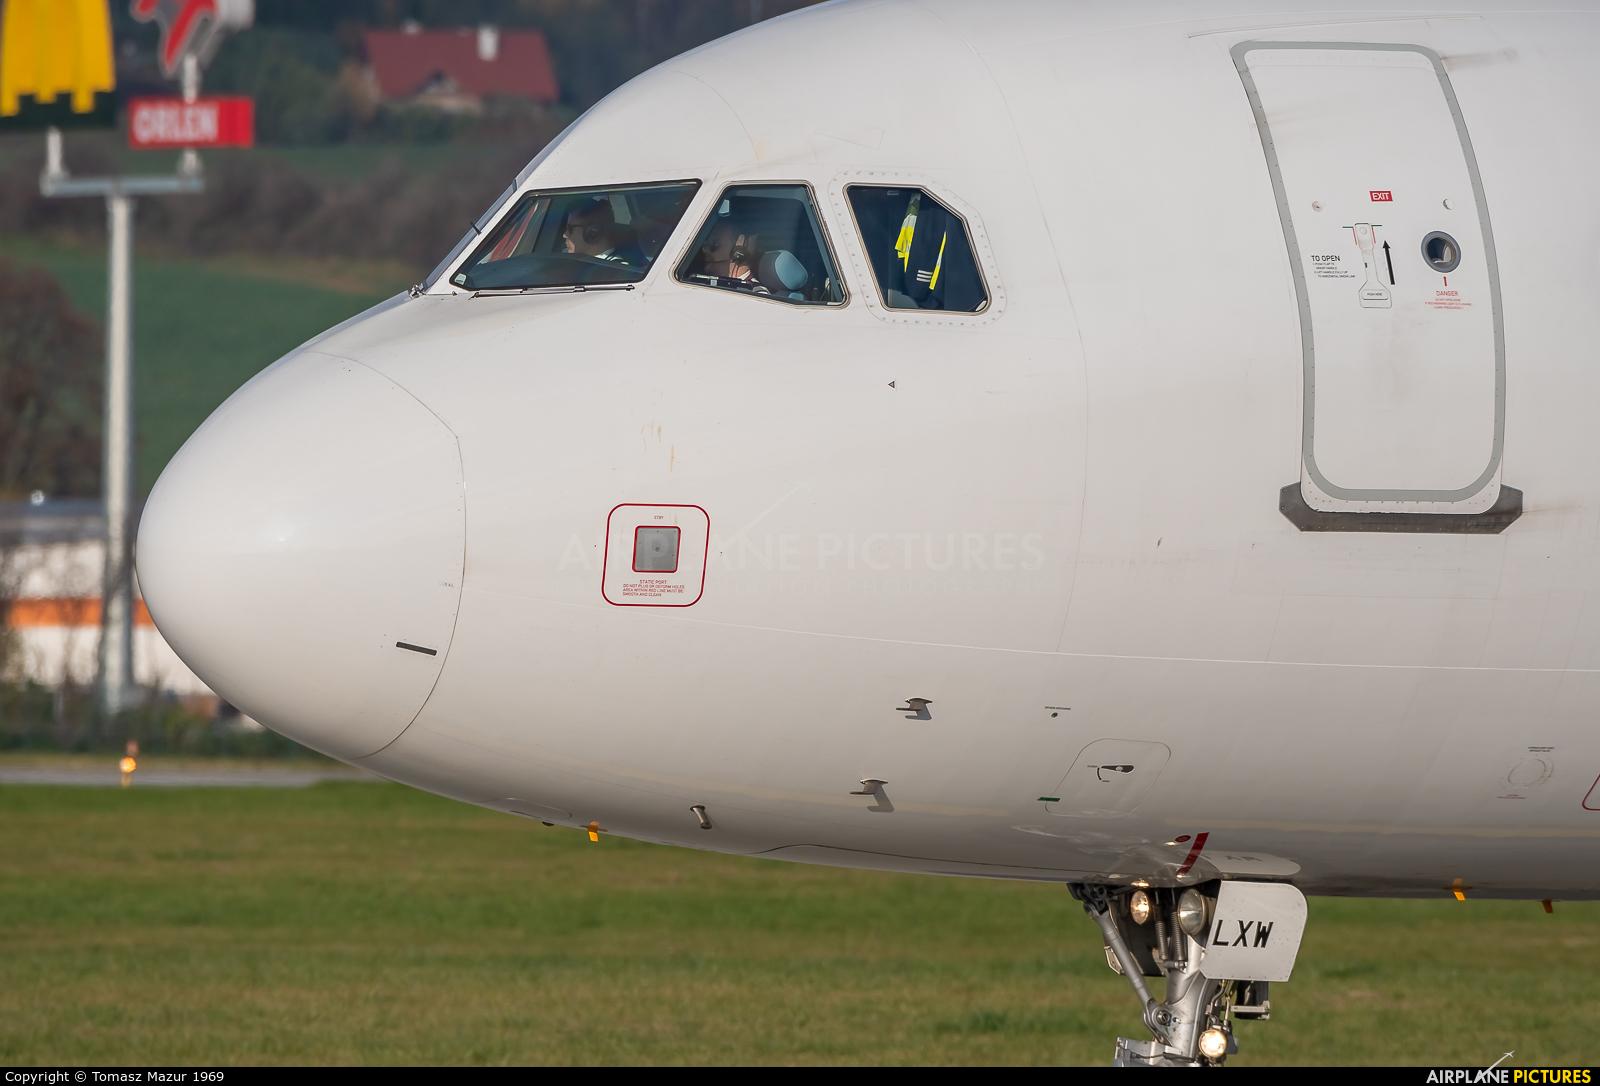 Wizz Air HA-LXW aircraft at Kraków - John Paul II Intl